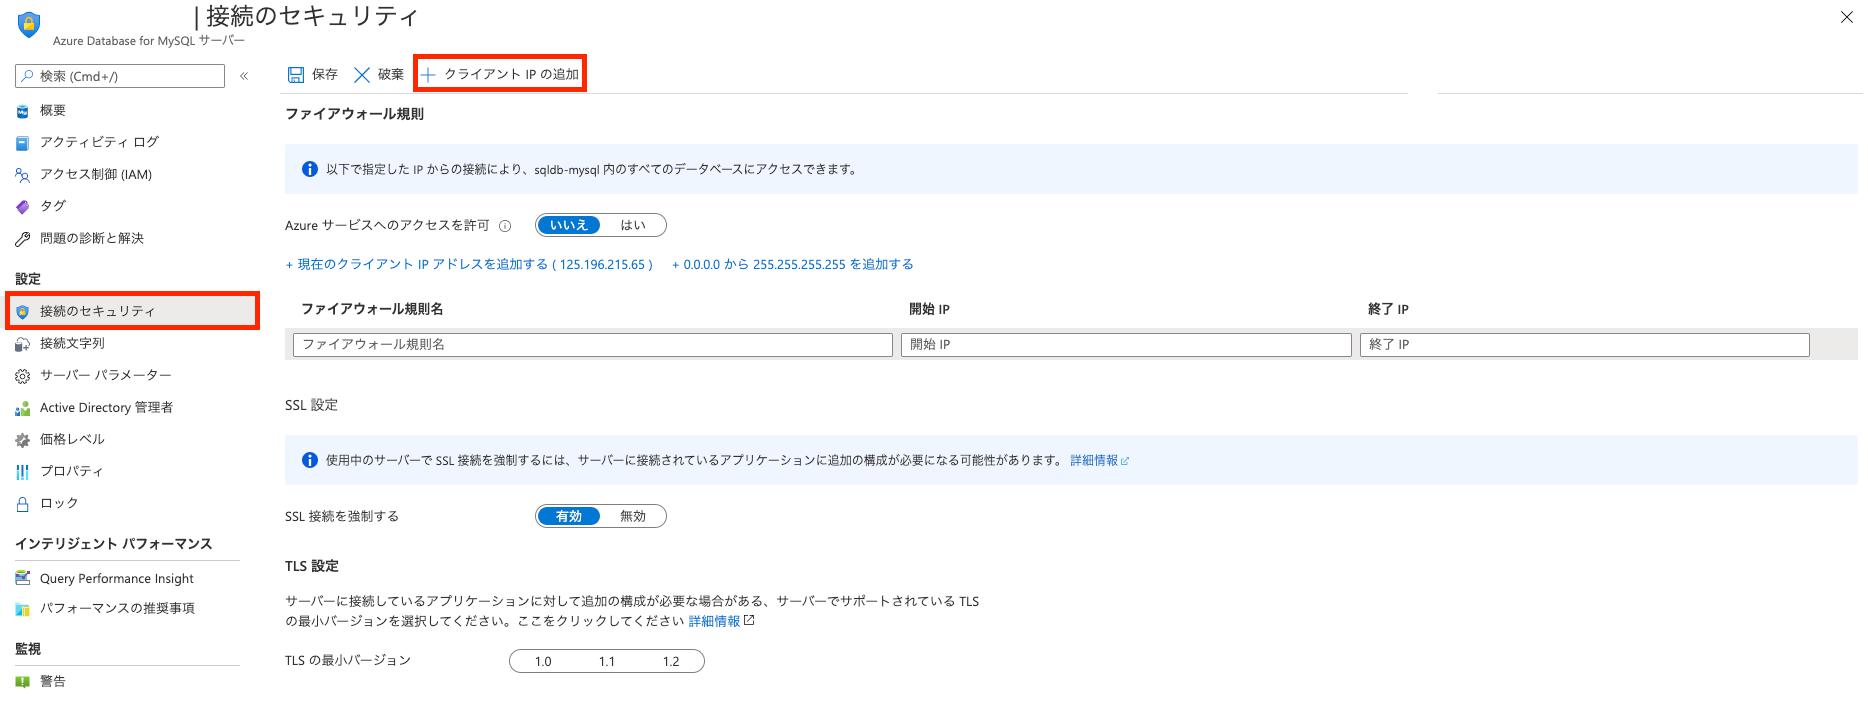 スクリーンショット 2020-10-18 13.45.40.png